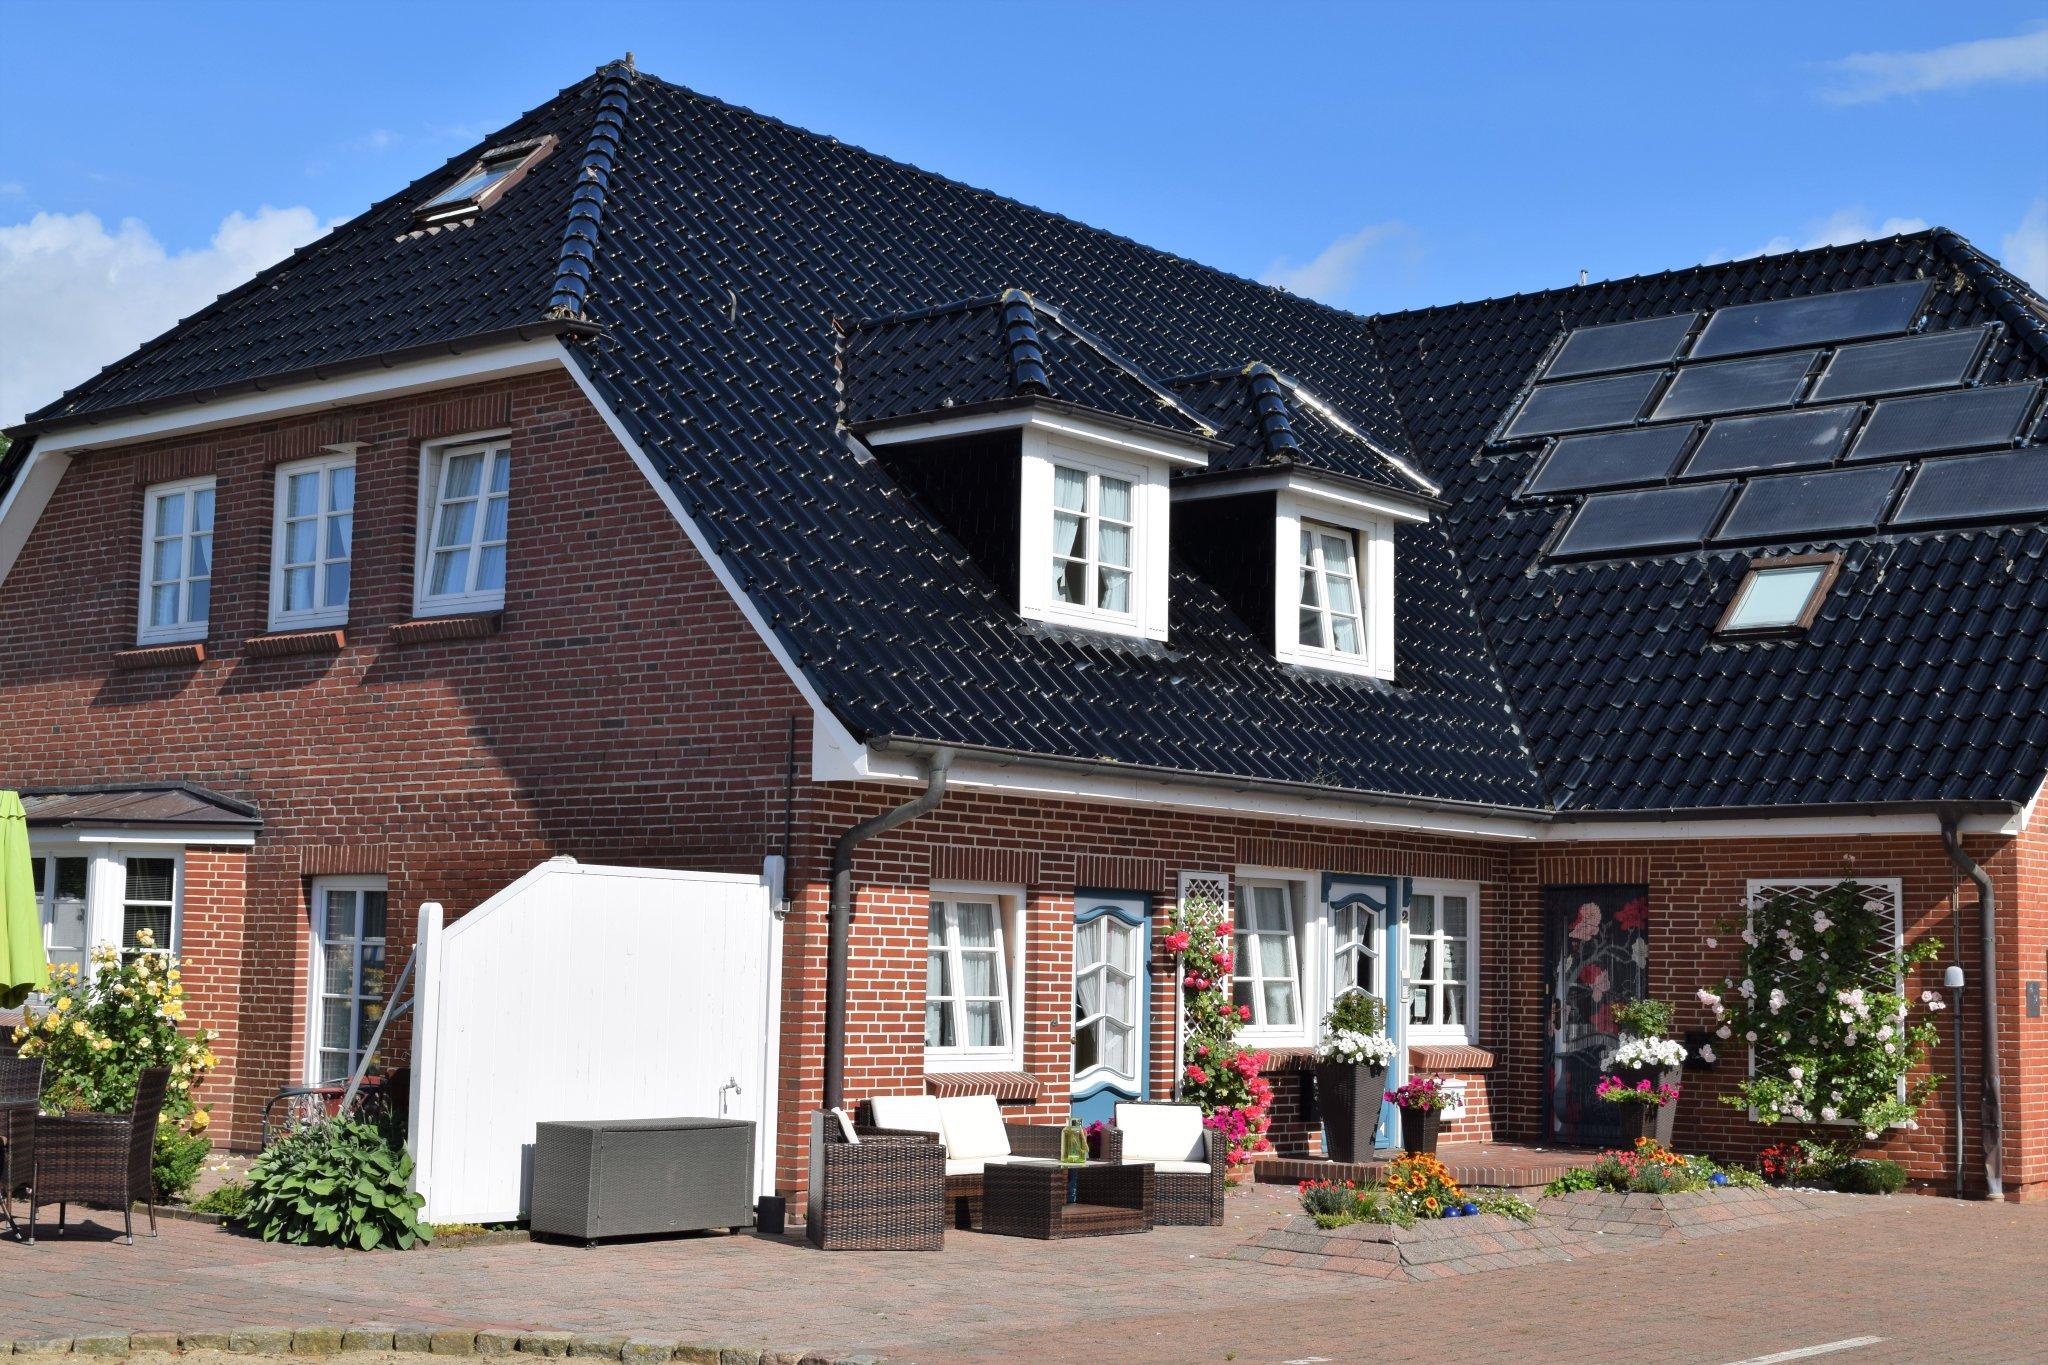 Zusatzbild Nr. 12 von Nordsee-Gesundheitshaus - Fewo 5 'Lille Peer'